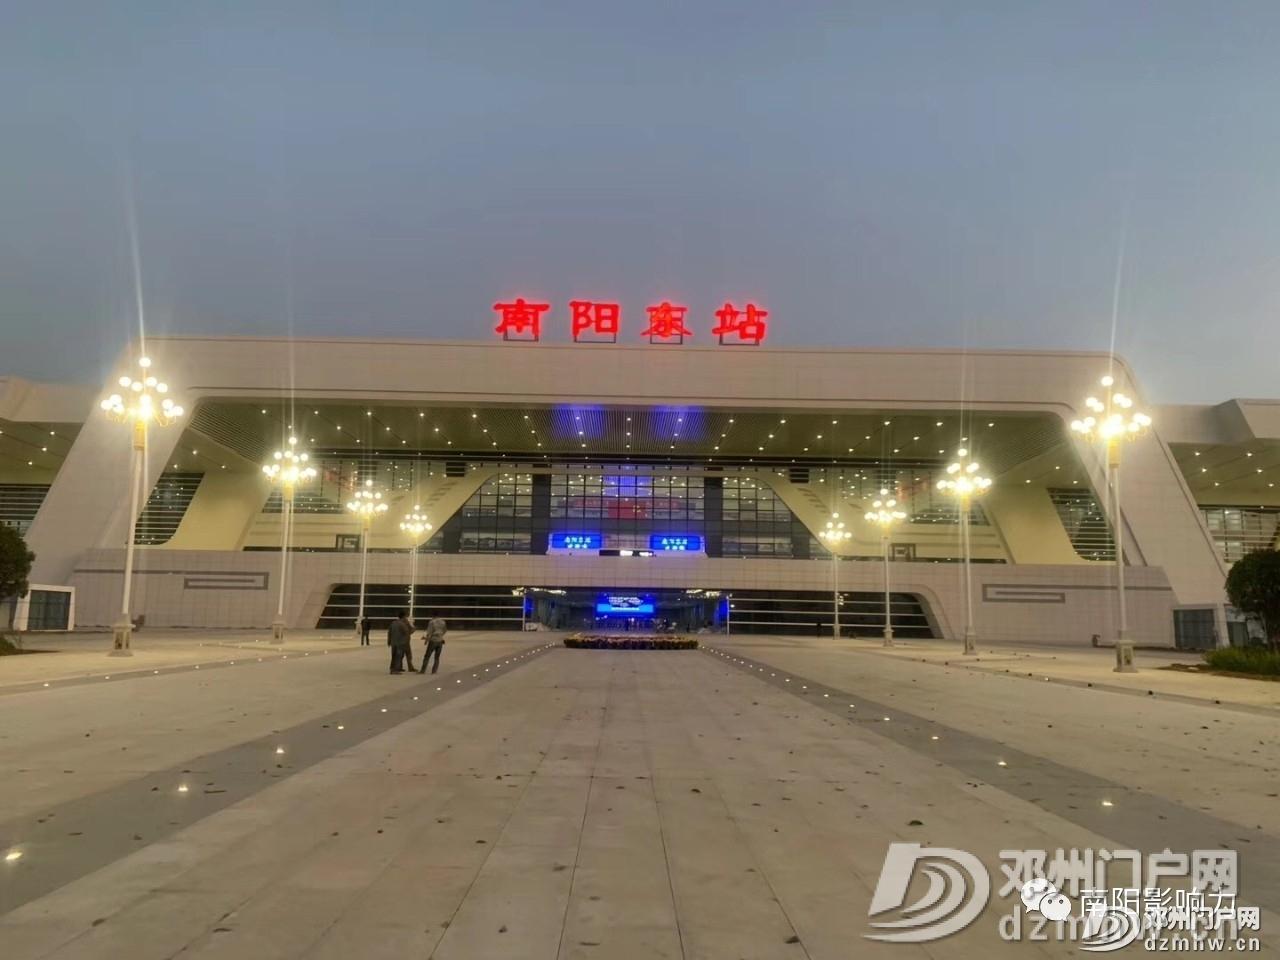 邓州:郑万高铁开通时刻表,正式发布! - 邓州门户网 邓州网 - 952967f62fa3fef45330fa28ffcfa0dd.jpg